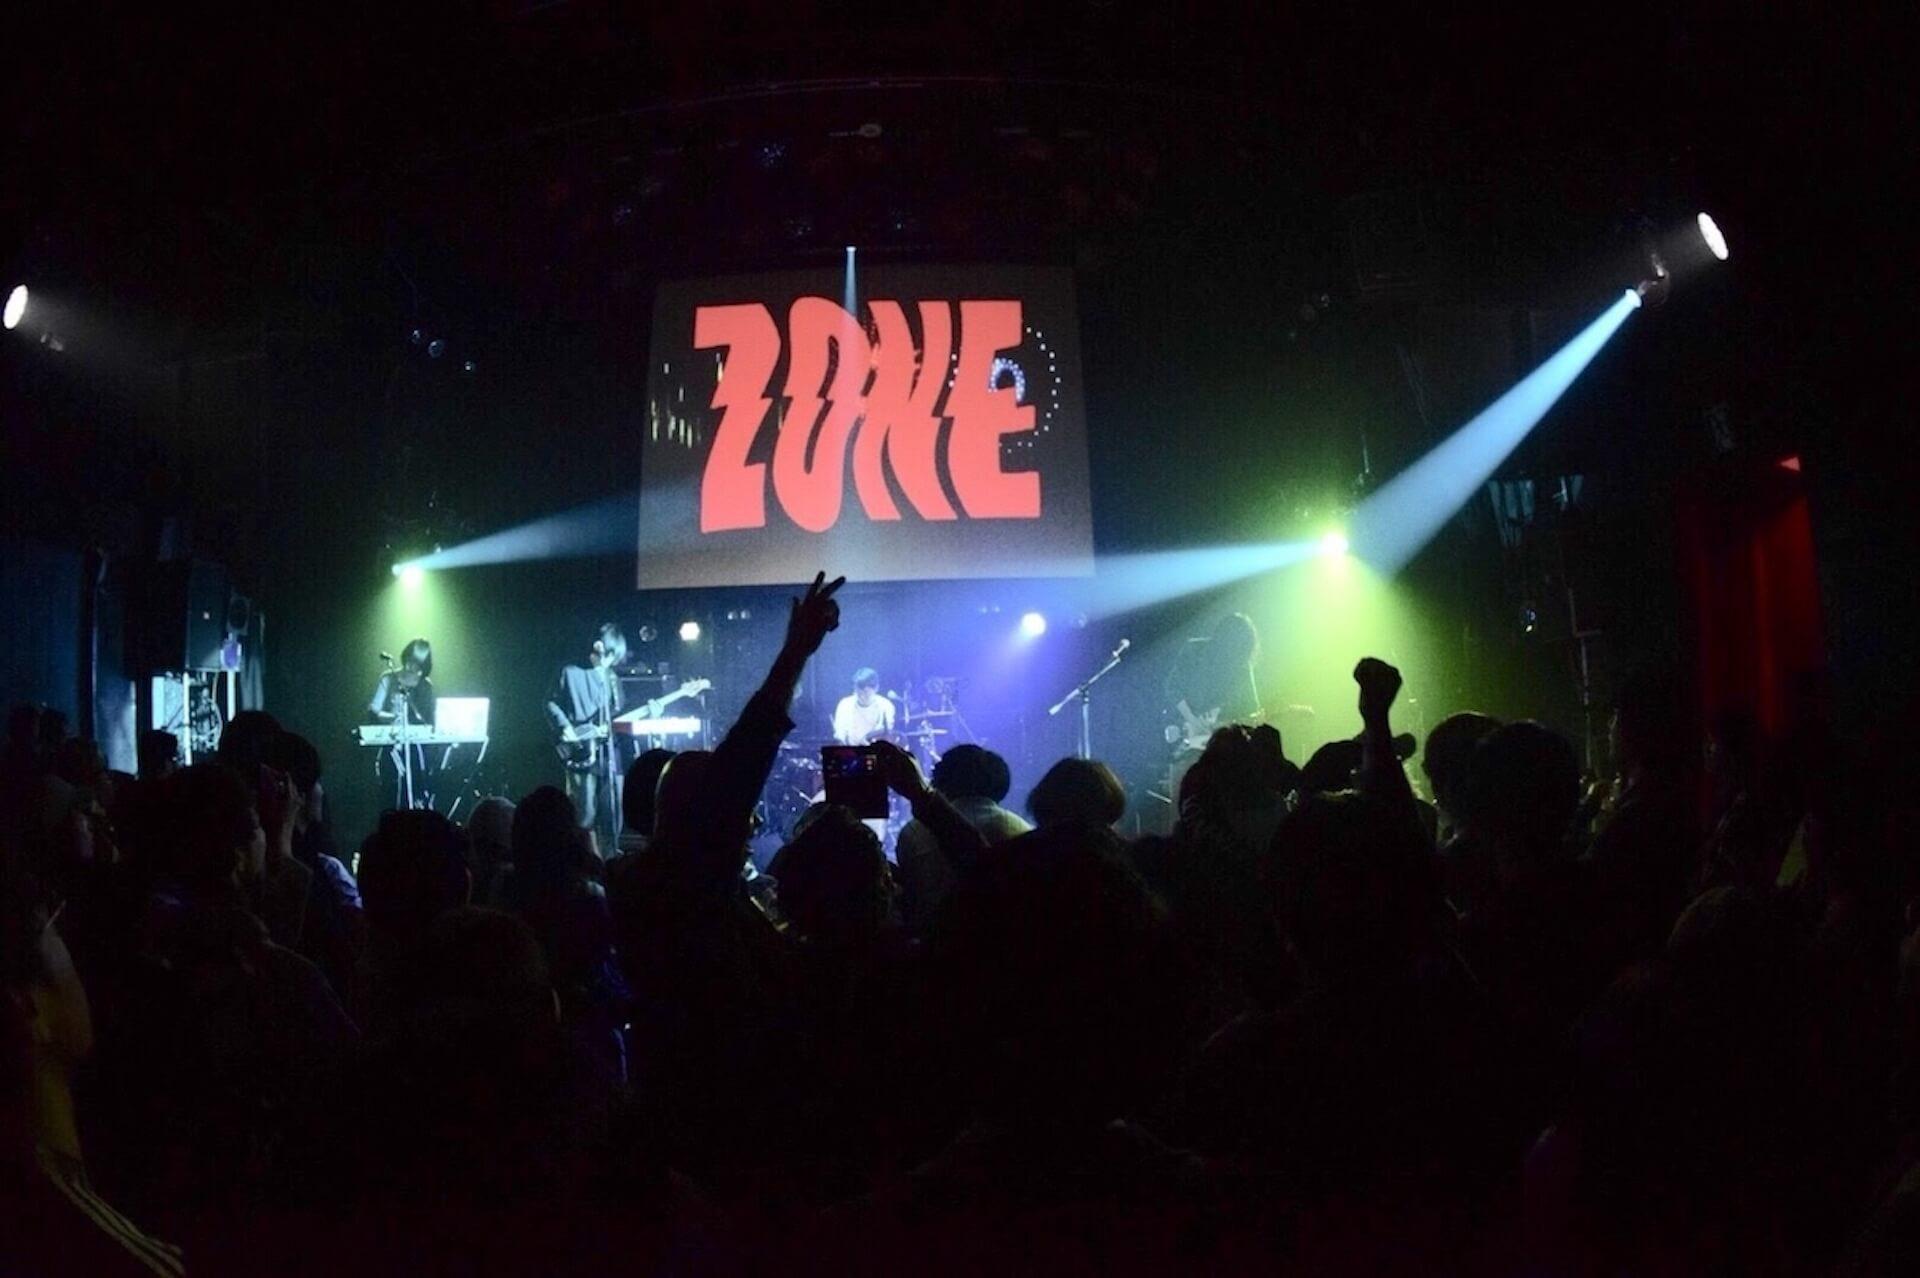 ZONE (バンド)の画像 p1_3